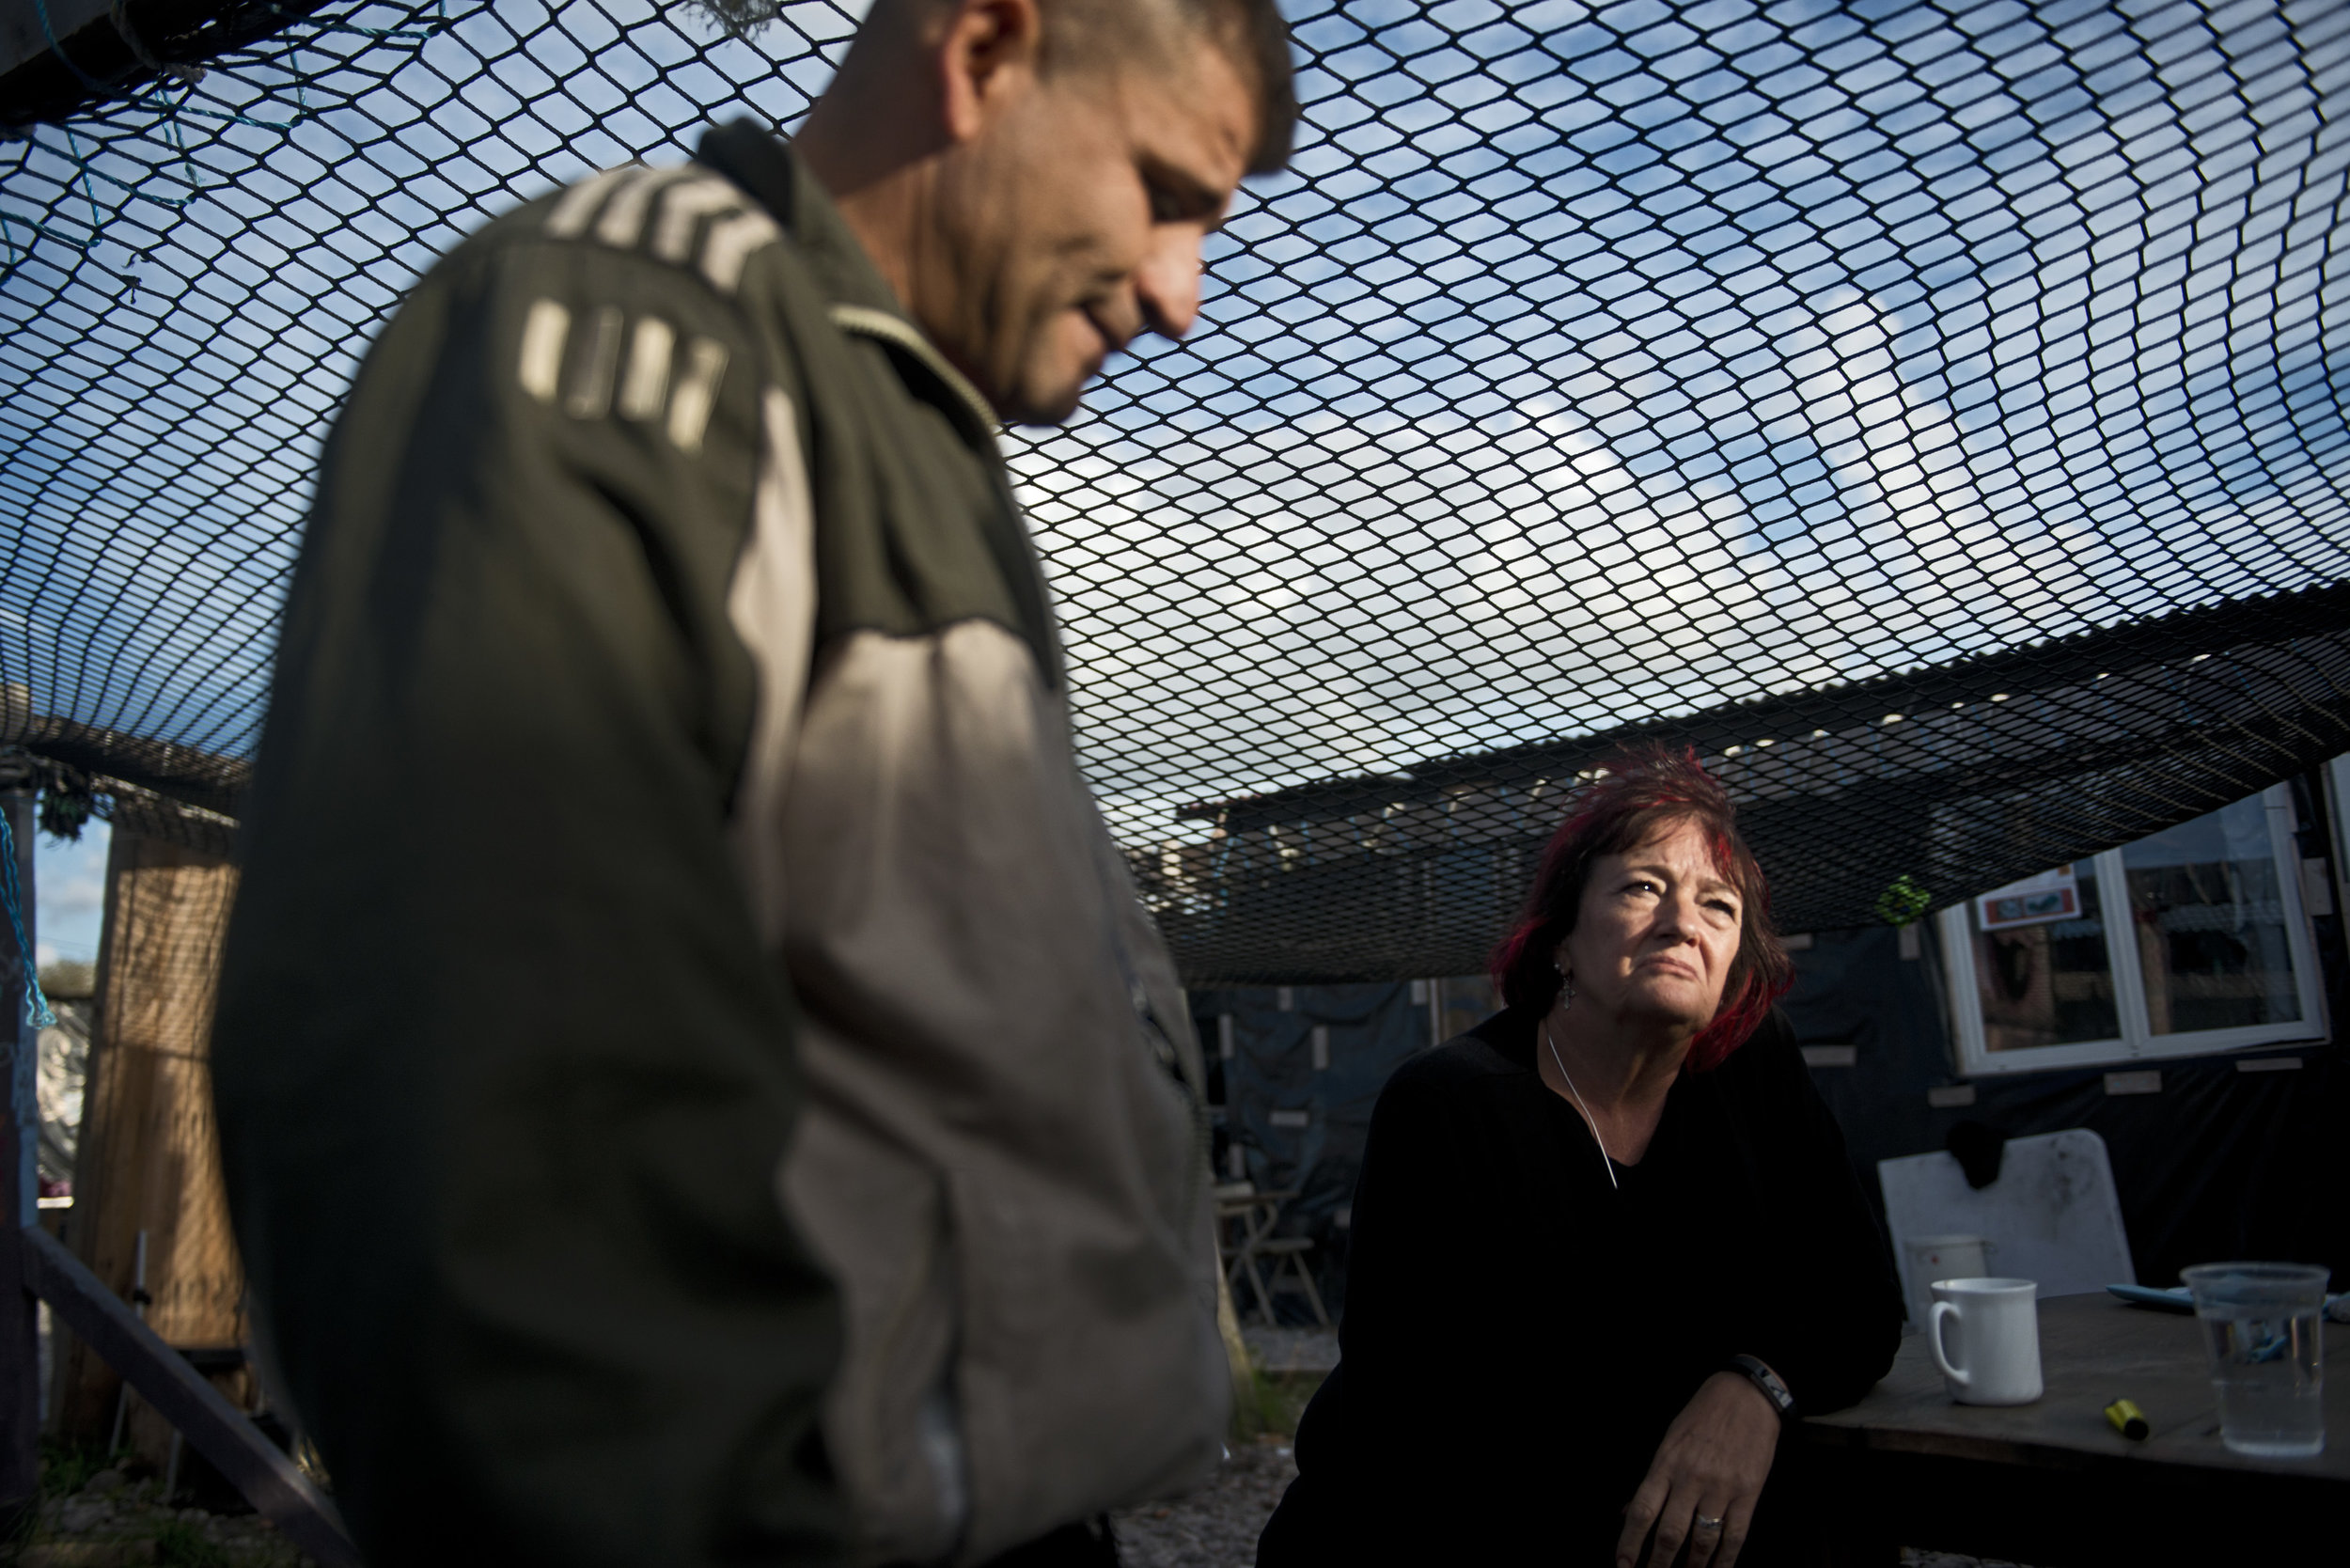 Eileen, une ancienne directrice d'école et  Marco Mark, l'un des fondateurs de l'Ecole des Dunes s'inquiètent  de l'avenir de ceux qui ne sont pas encore partis et de «tout ceux qui n'auront aucun endroit où aller, car  il y aura toujours des migrants anglophones qui chercheront d'abord à rejoindre l'Angleterre». Ces deux ressortissants britanniques savent aussi que cette fois, rien ne pourra sauver l'Ecole des Dunes. Si il n'y a officiellement plus aucun réfugié dans les environs, le lieu ne pourra être préservé comme il l'avait été en mars dernier, lors du démantèlement de la zone sud. Marco explique avoir déjà mis à l'abris les panneaux solaires, la photocopieuse et les livres de l'école qui sera bientôt rasée.  Cela fait deux ans qu'il porte ce projet à bout de bras. « Il y a une demi-heure, je l'ai vu pleurer» dit simplement  Eileen.